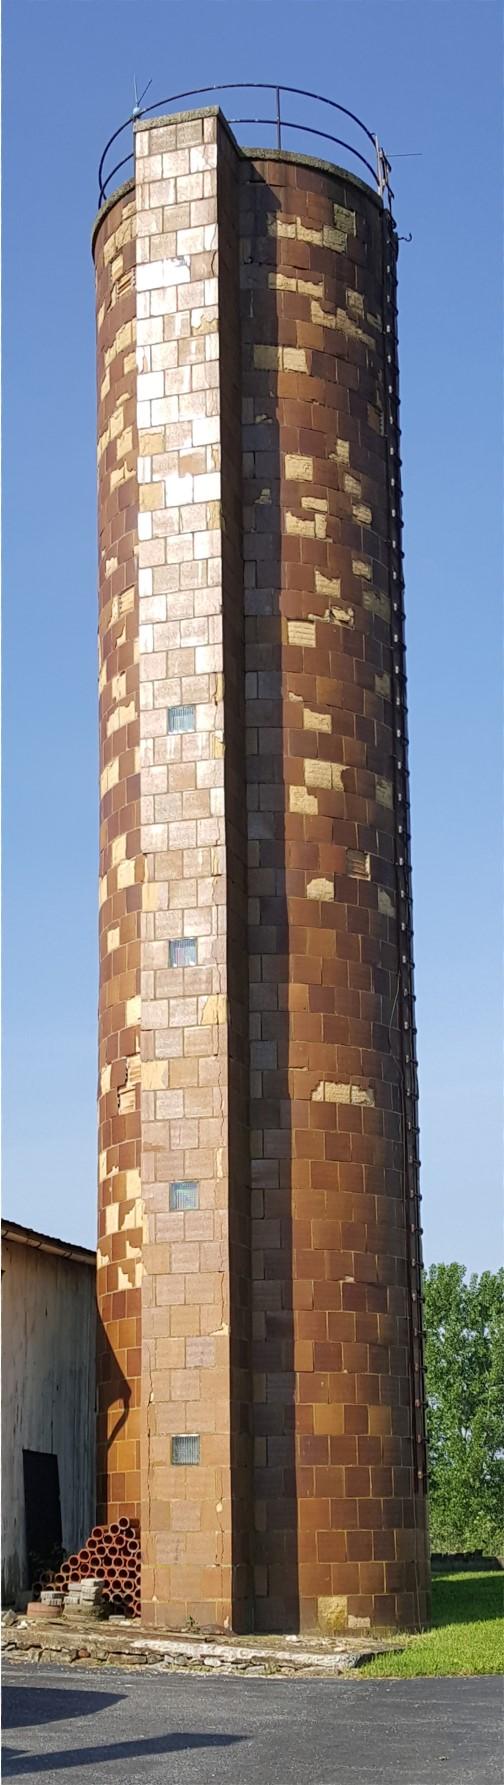 Long Lane silo 5/27/16